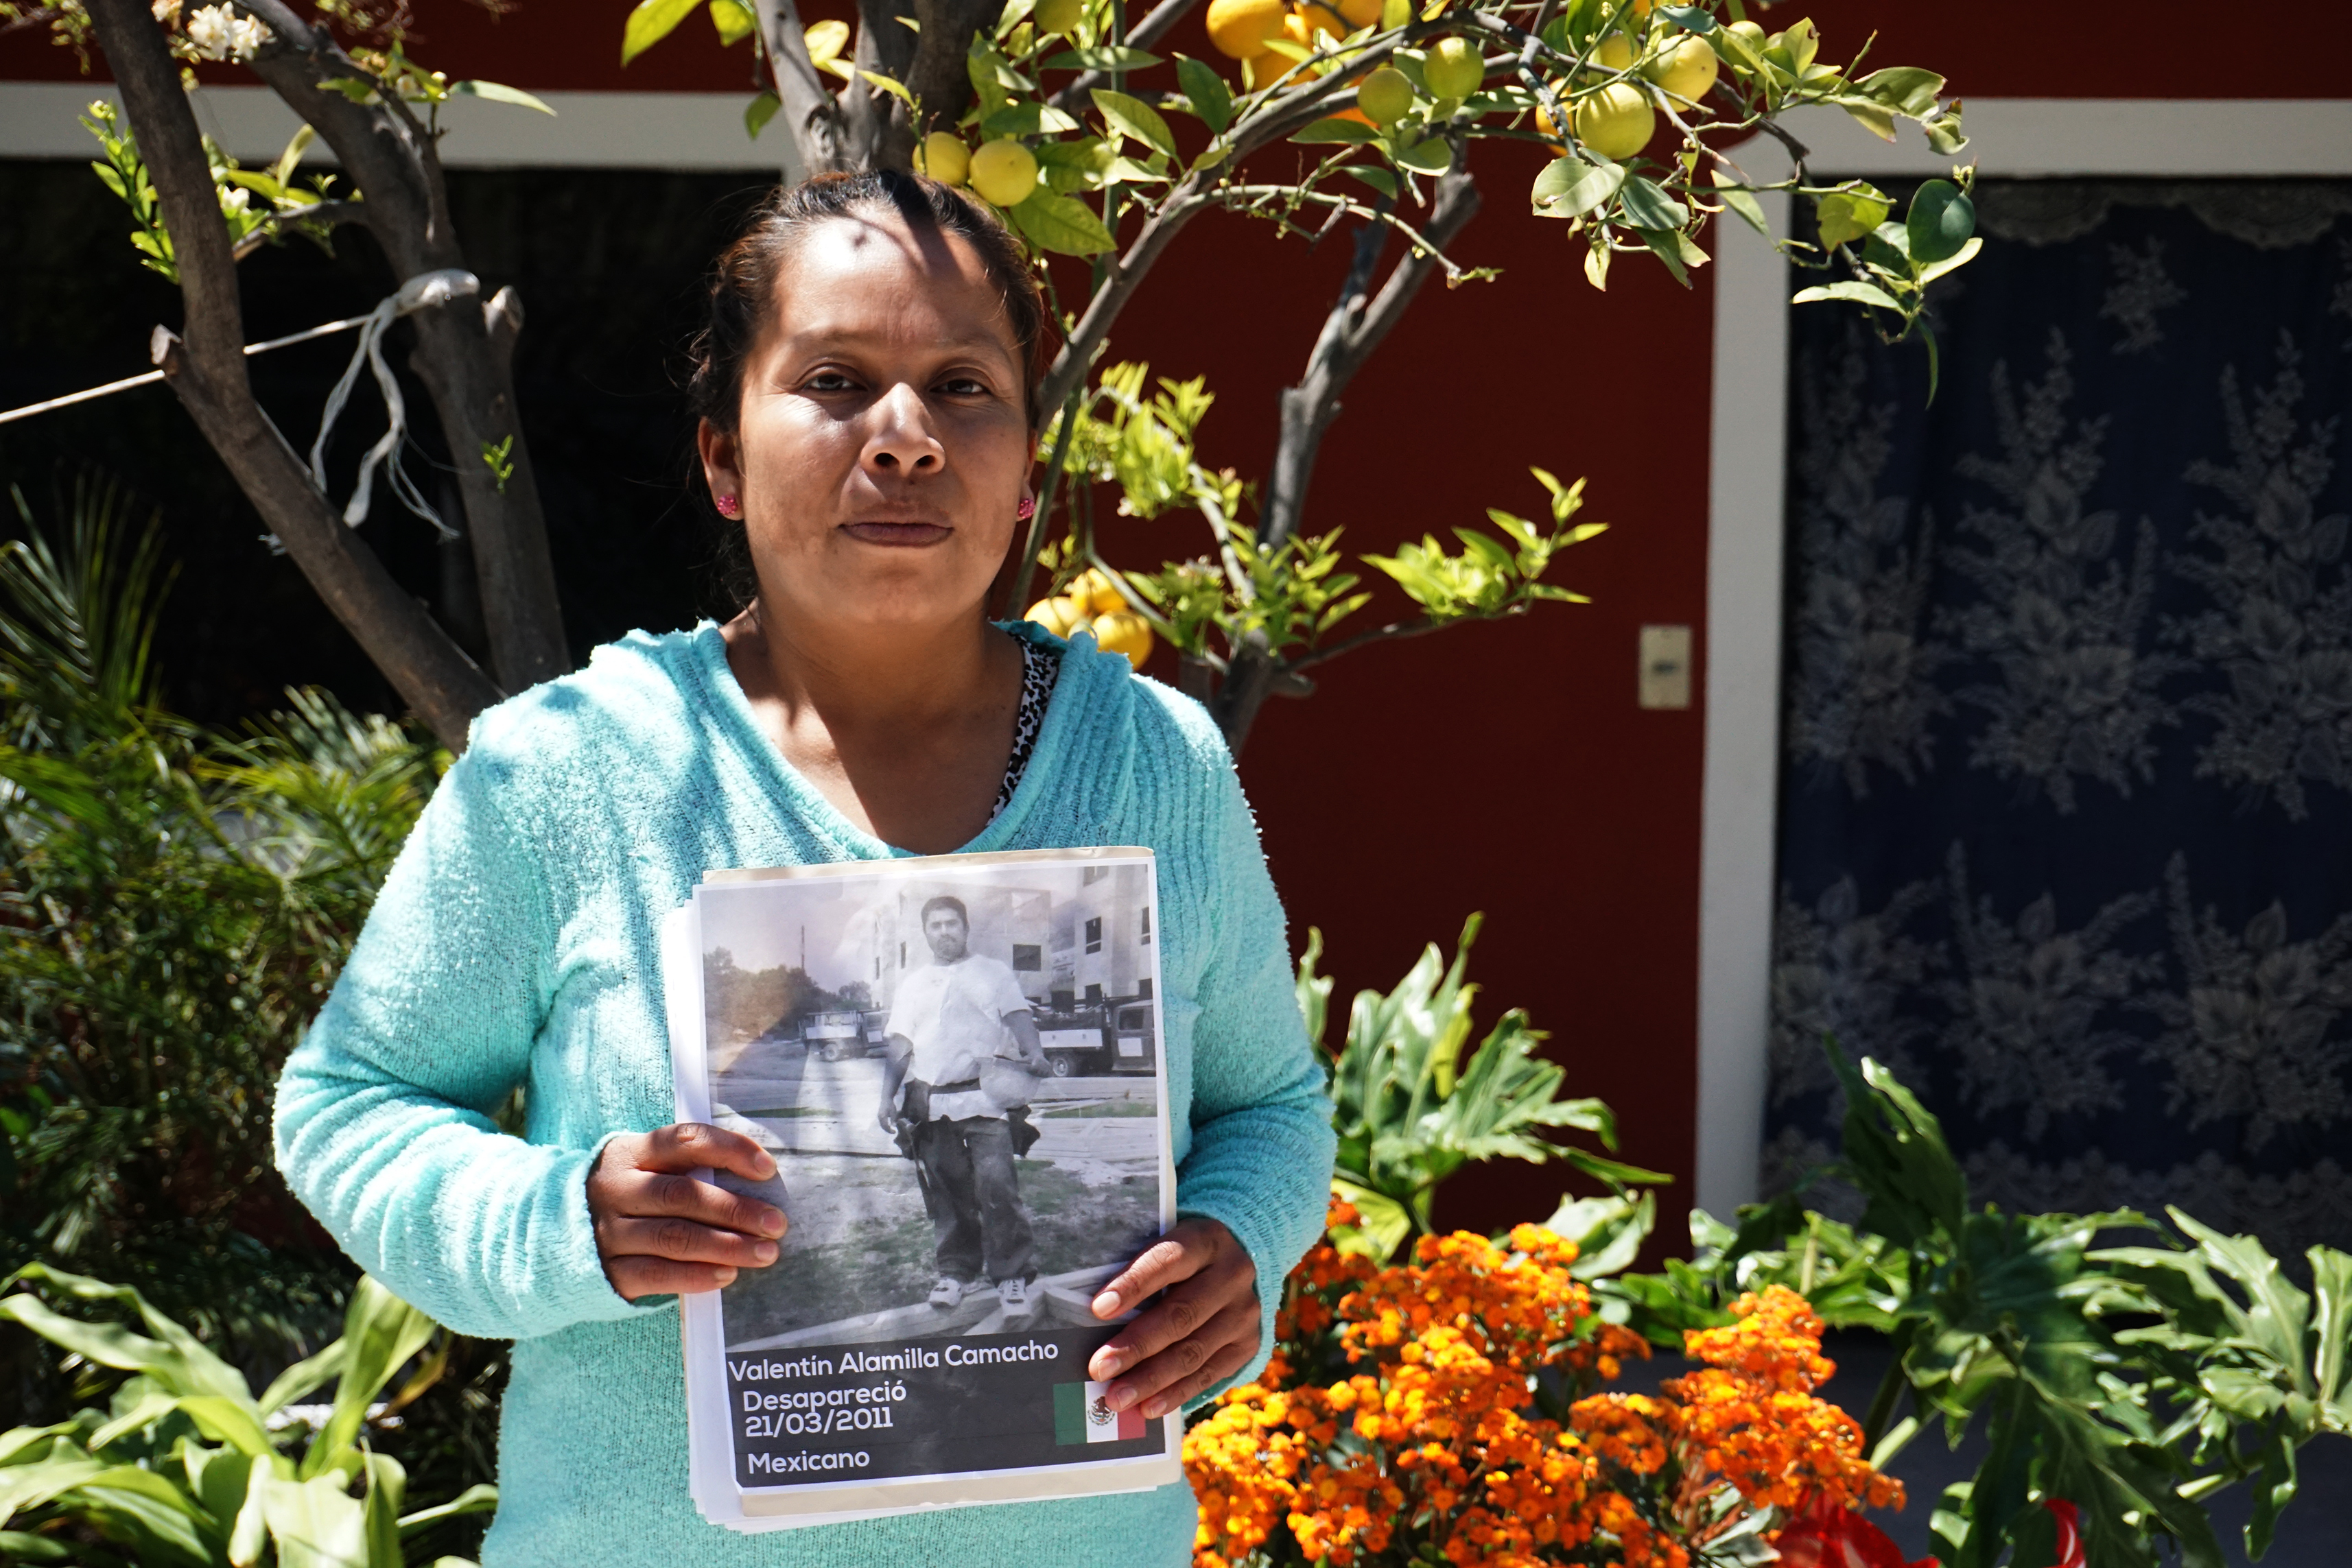 La Indolente Búsqueda Por 23 Migrantes Desaparecidos En El Camino